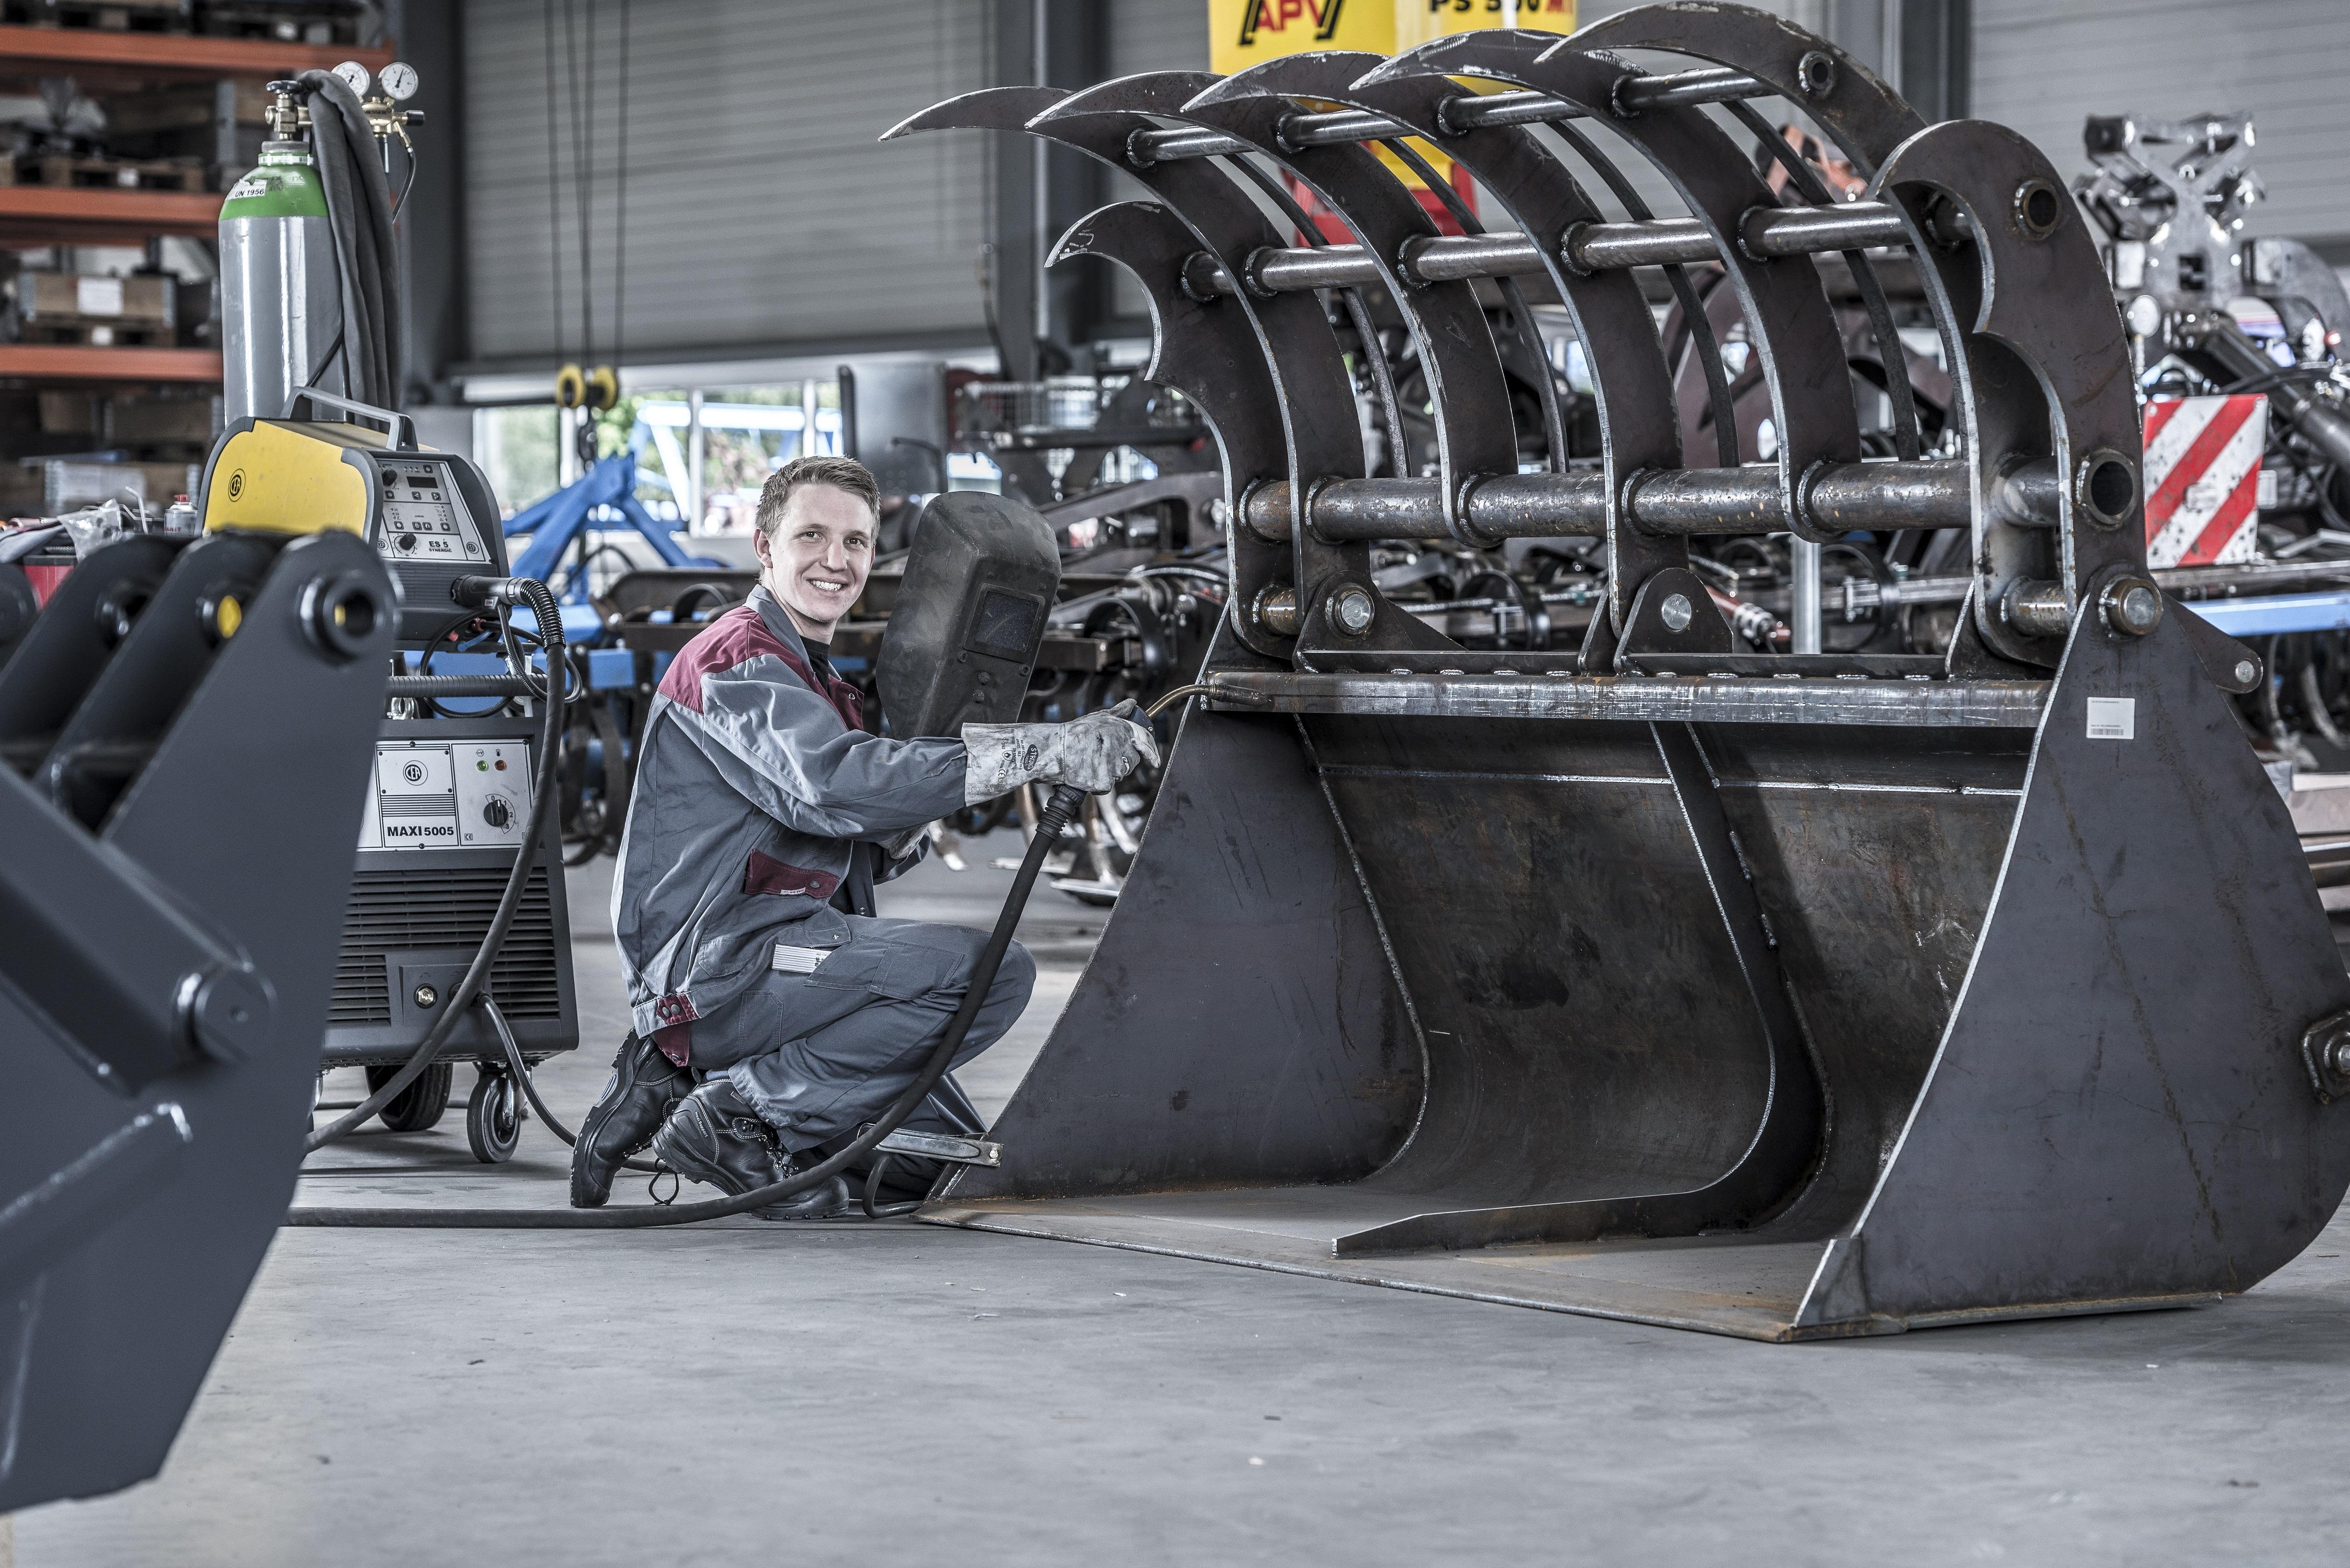 Metallbauer / Industriemechaniker / Monteure (m/w/d)